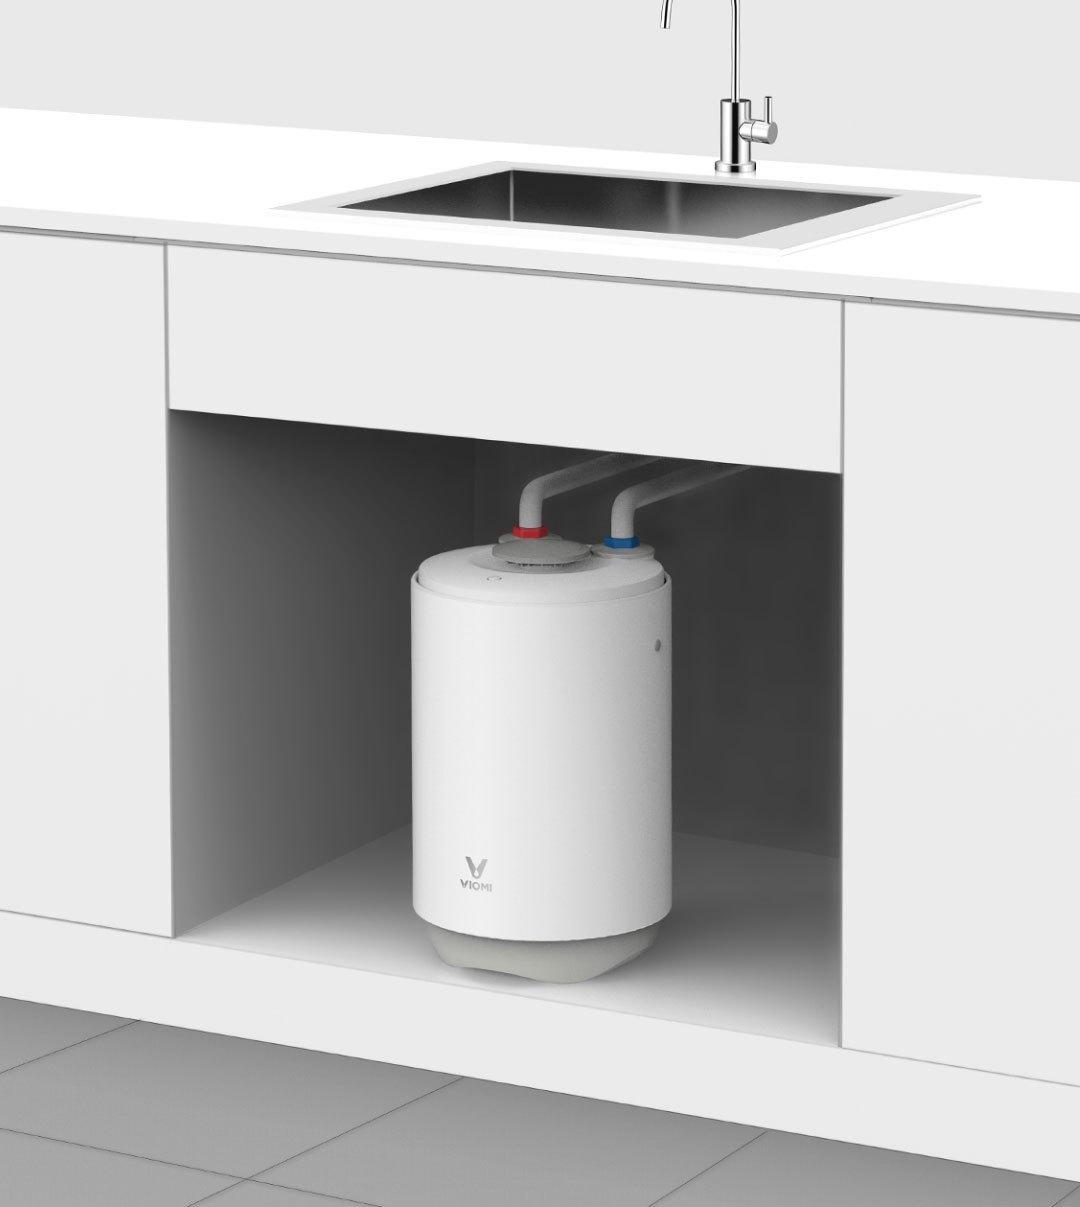 Viomi elektrikli su qızdırıcısı